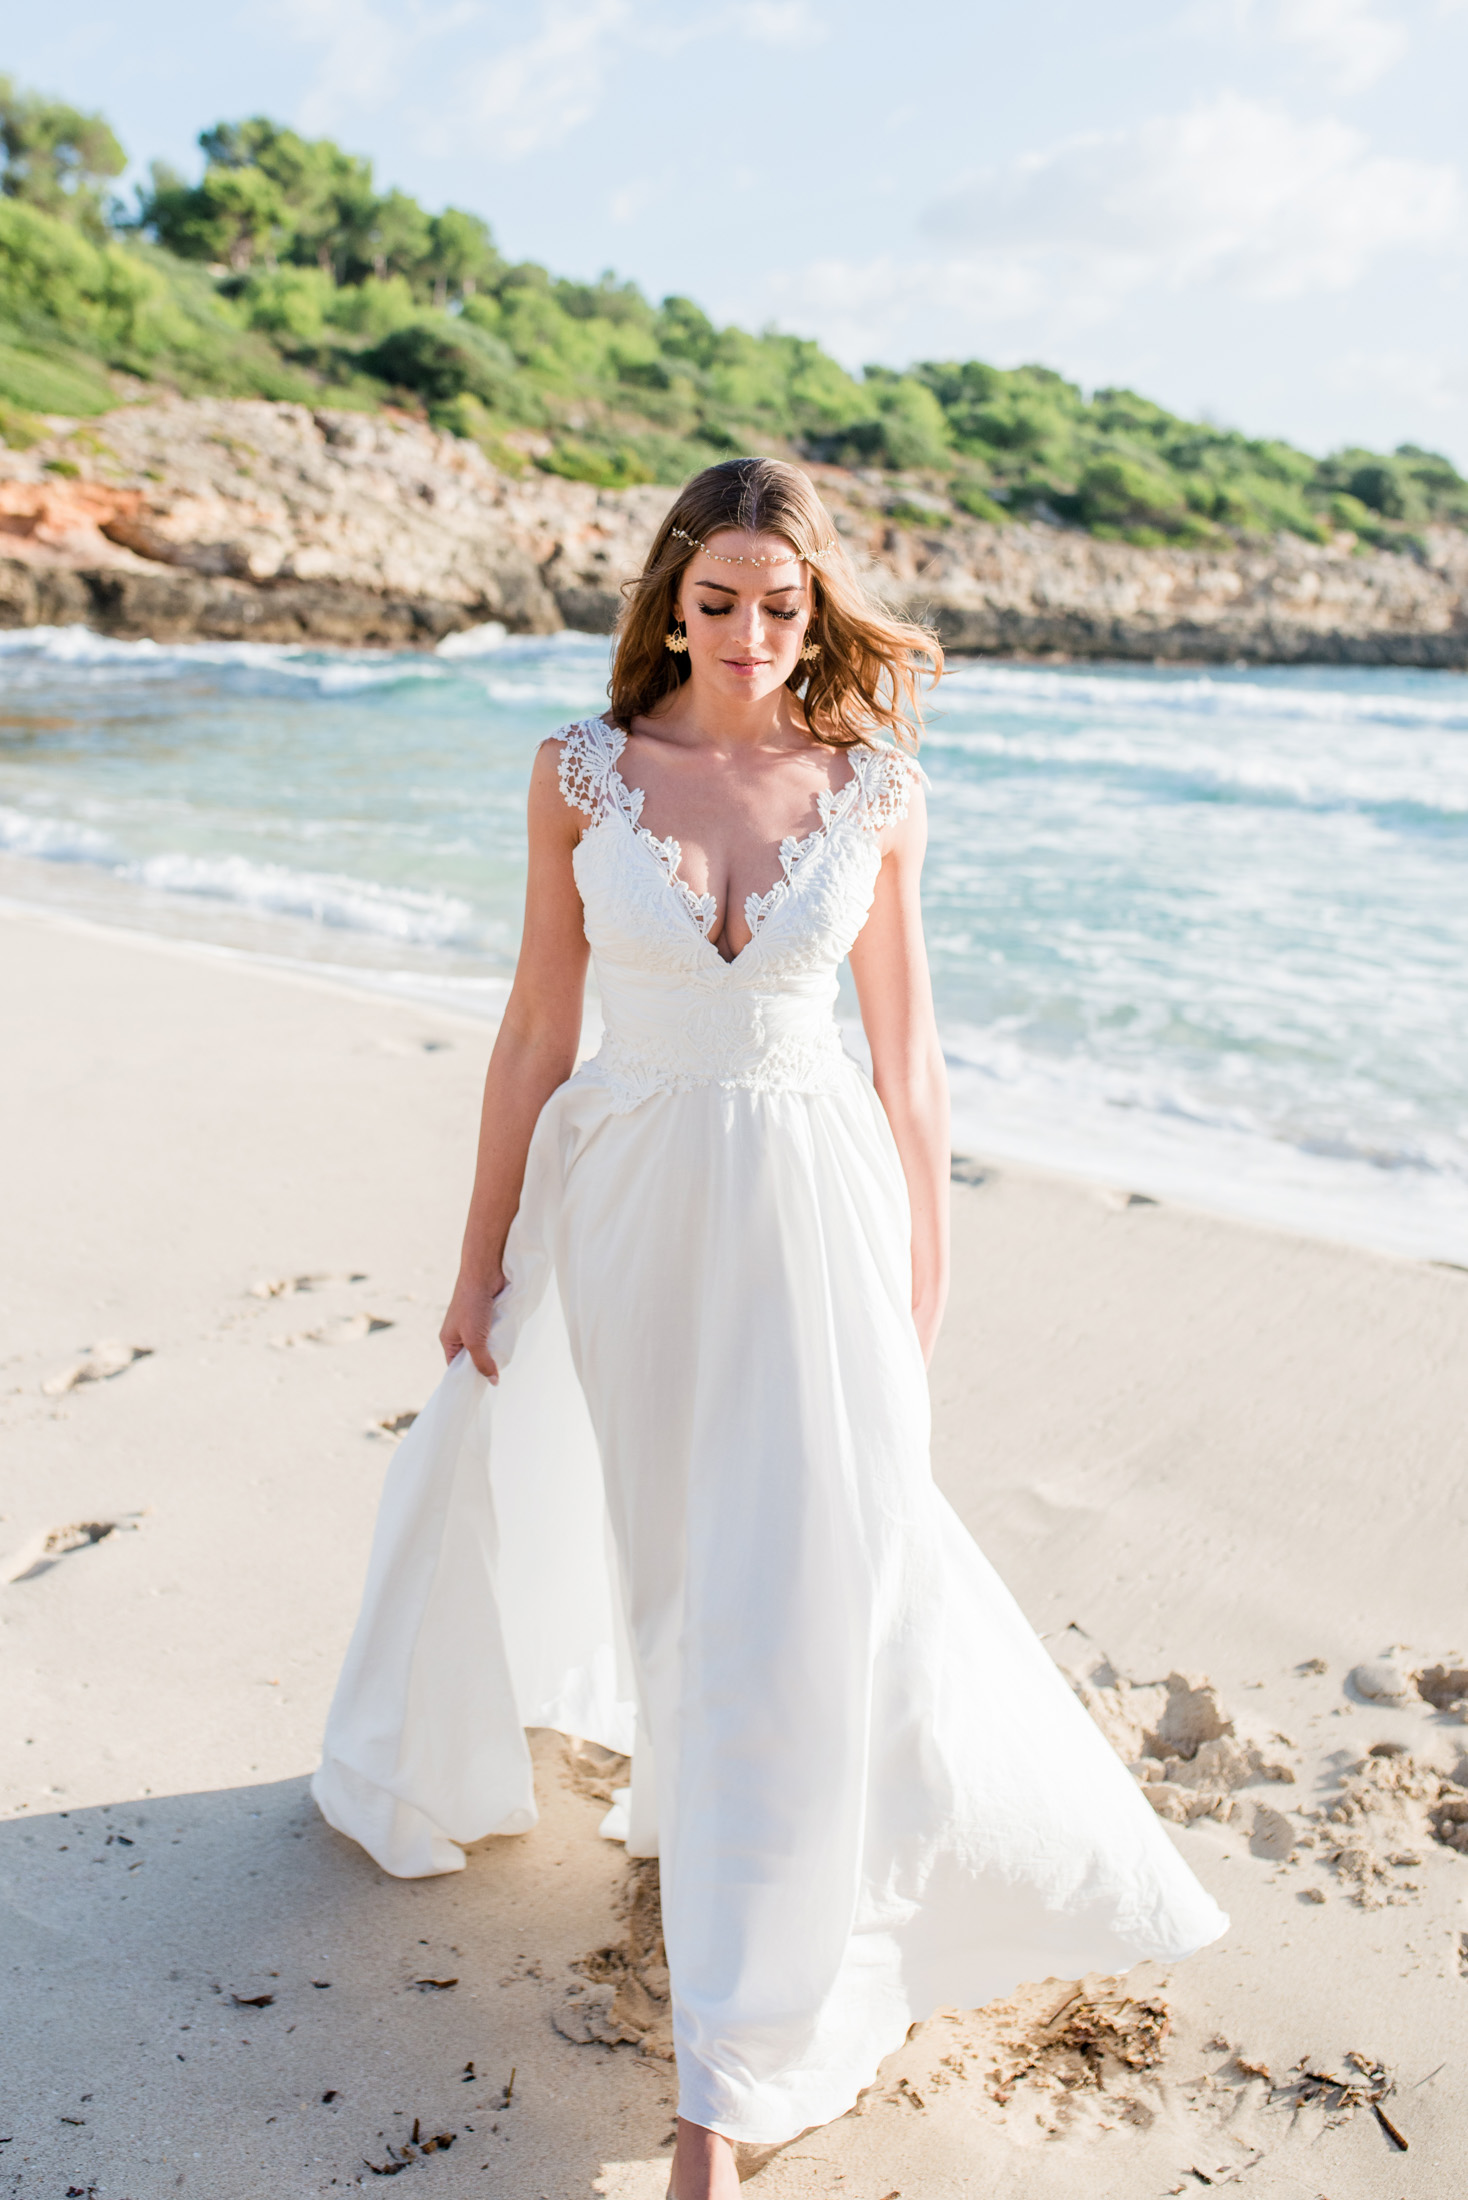 Lizzy - Zauberhaftes Vintage-Brautkleid aus Baumwolle — Torrox